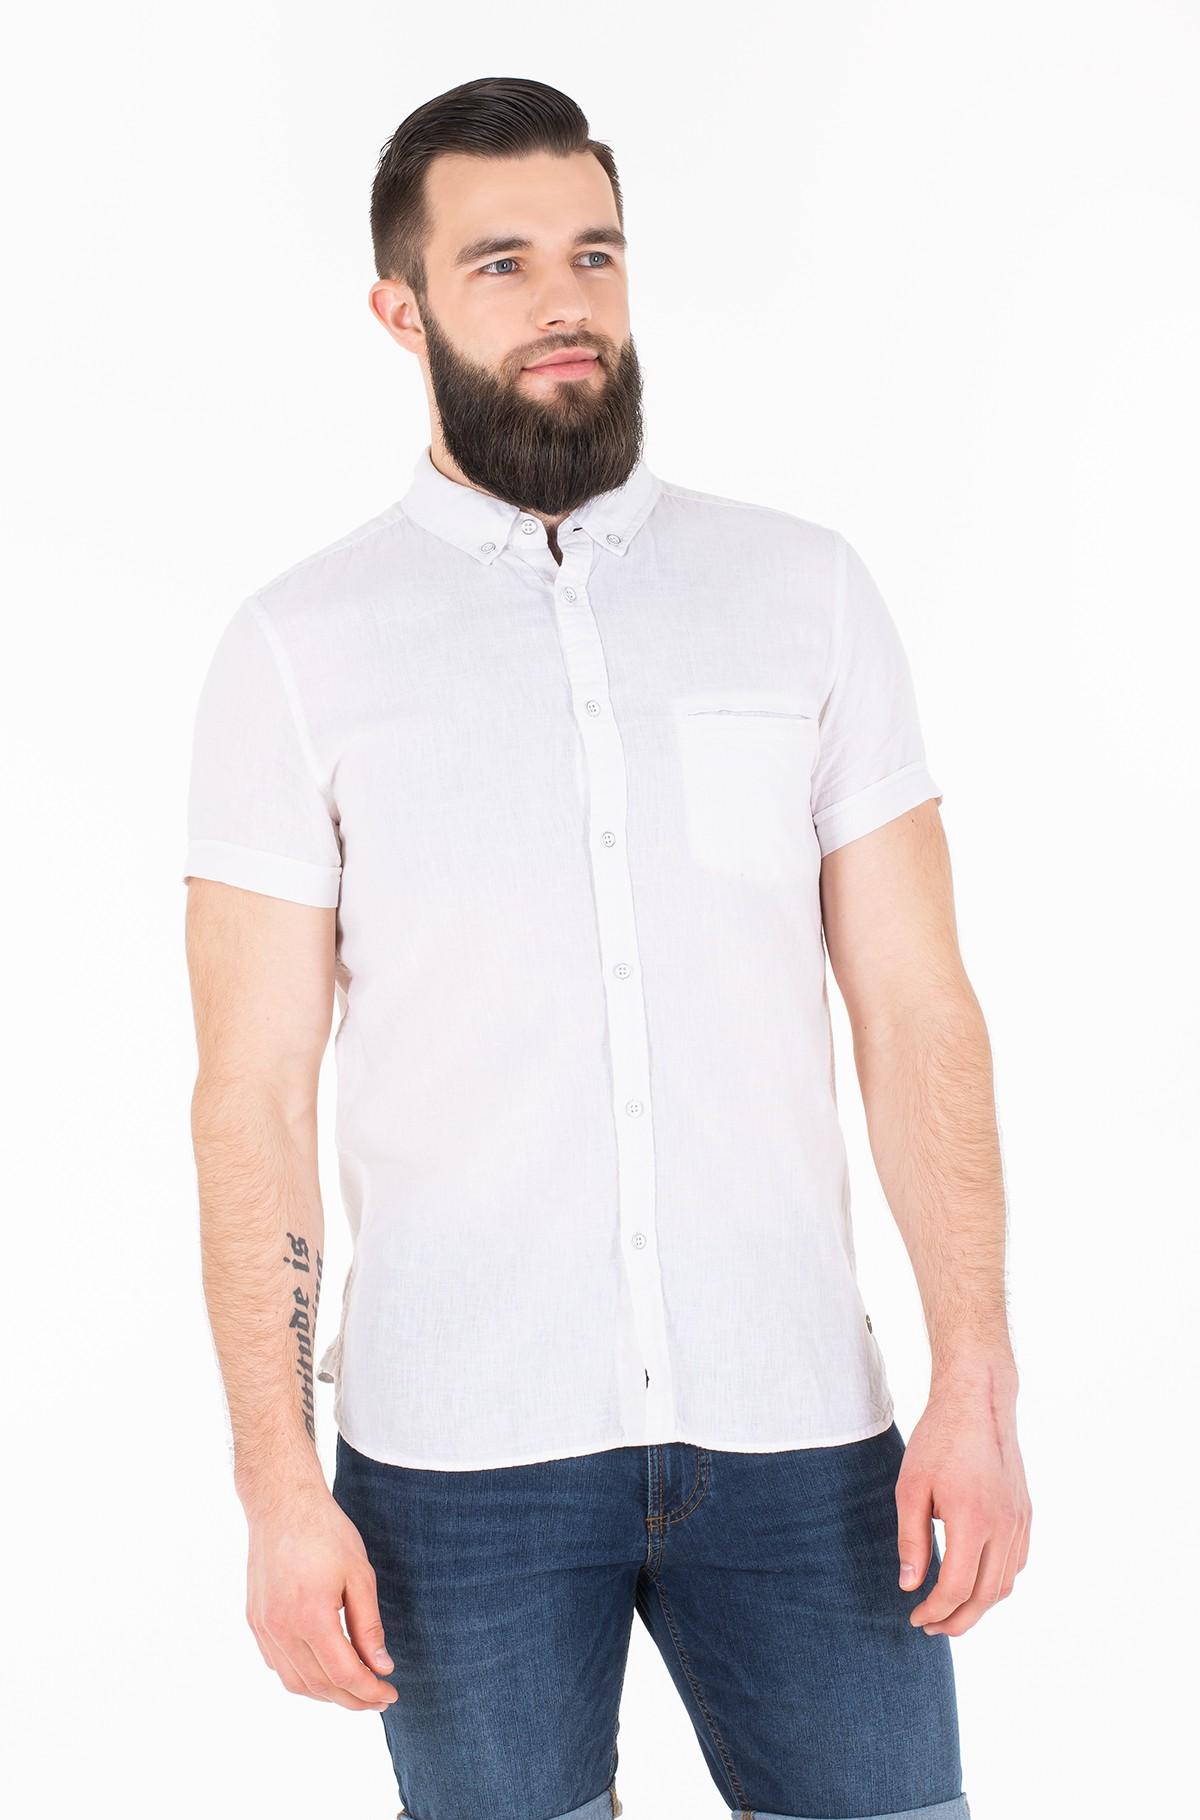 Marškiniai su trumpomis rankovėmis 1007399-full-1